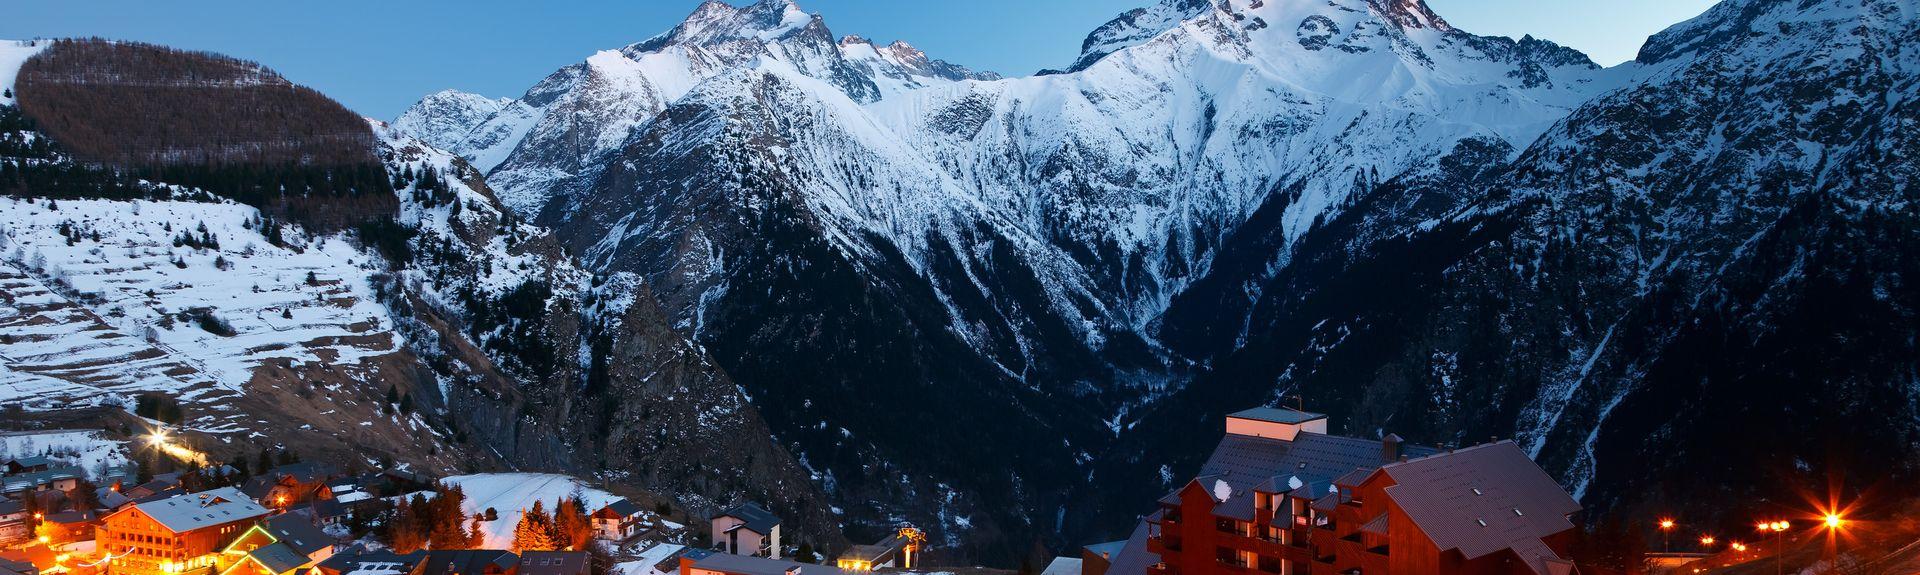 Les Deux Alpes, Auvergne-Rhône-Alpes, Frankreich